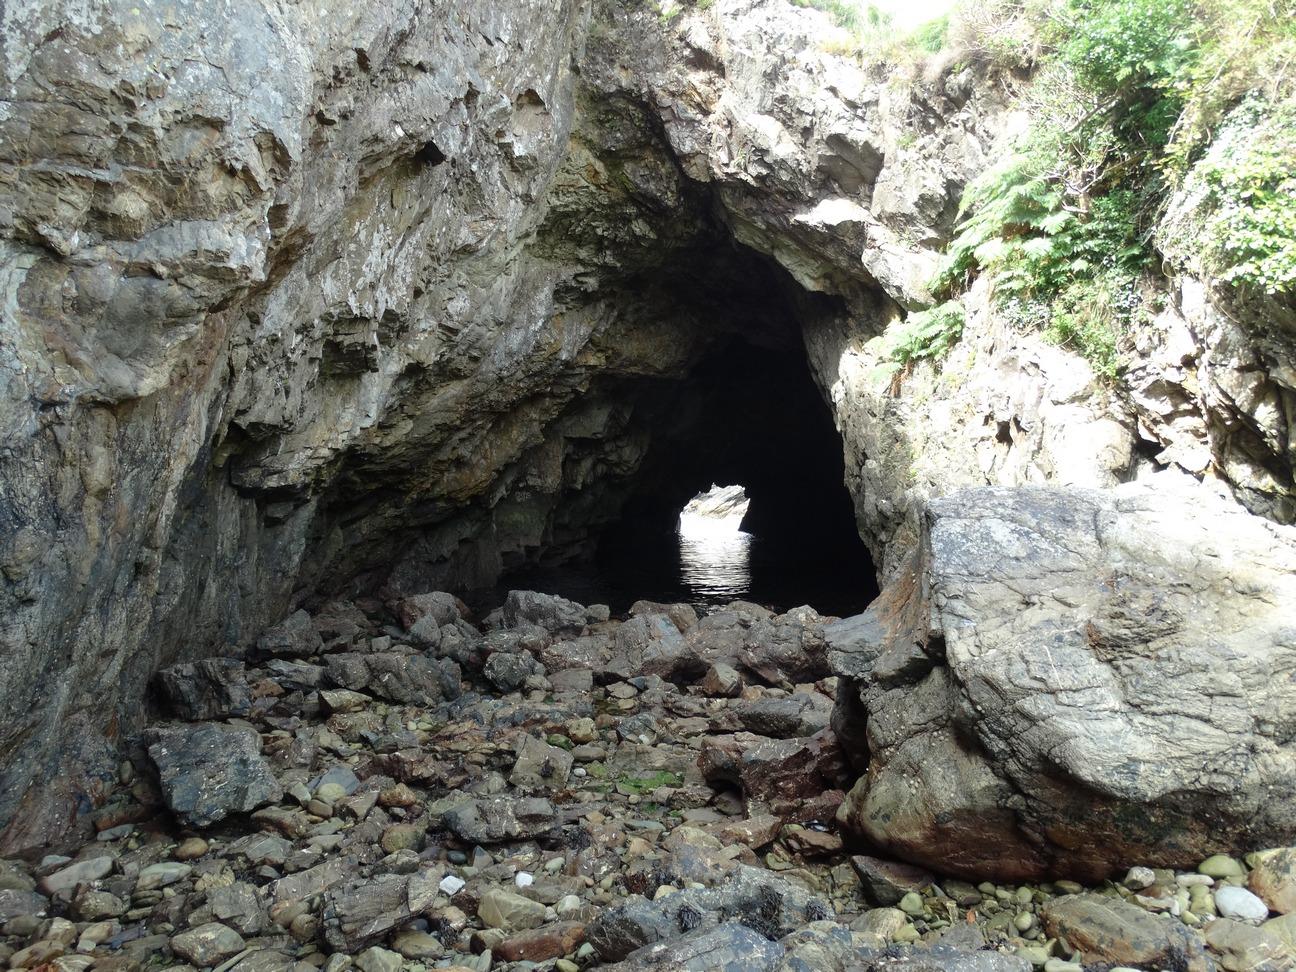 Linker grot